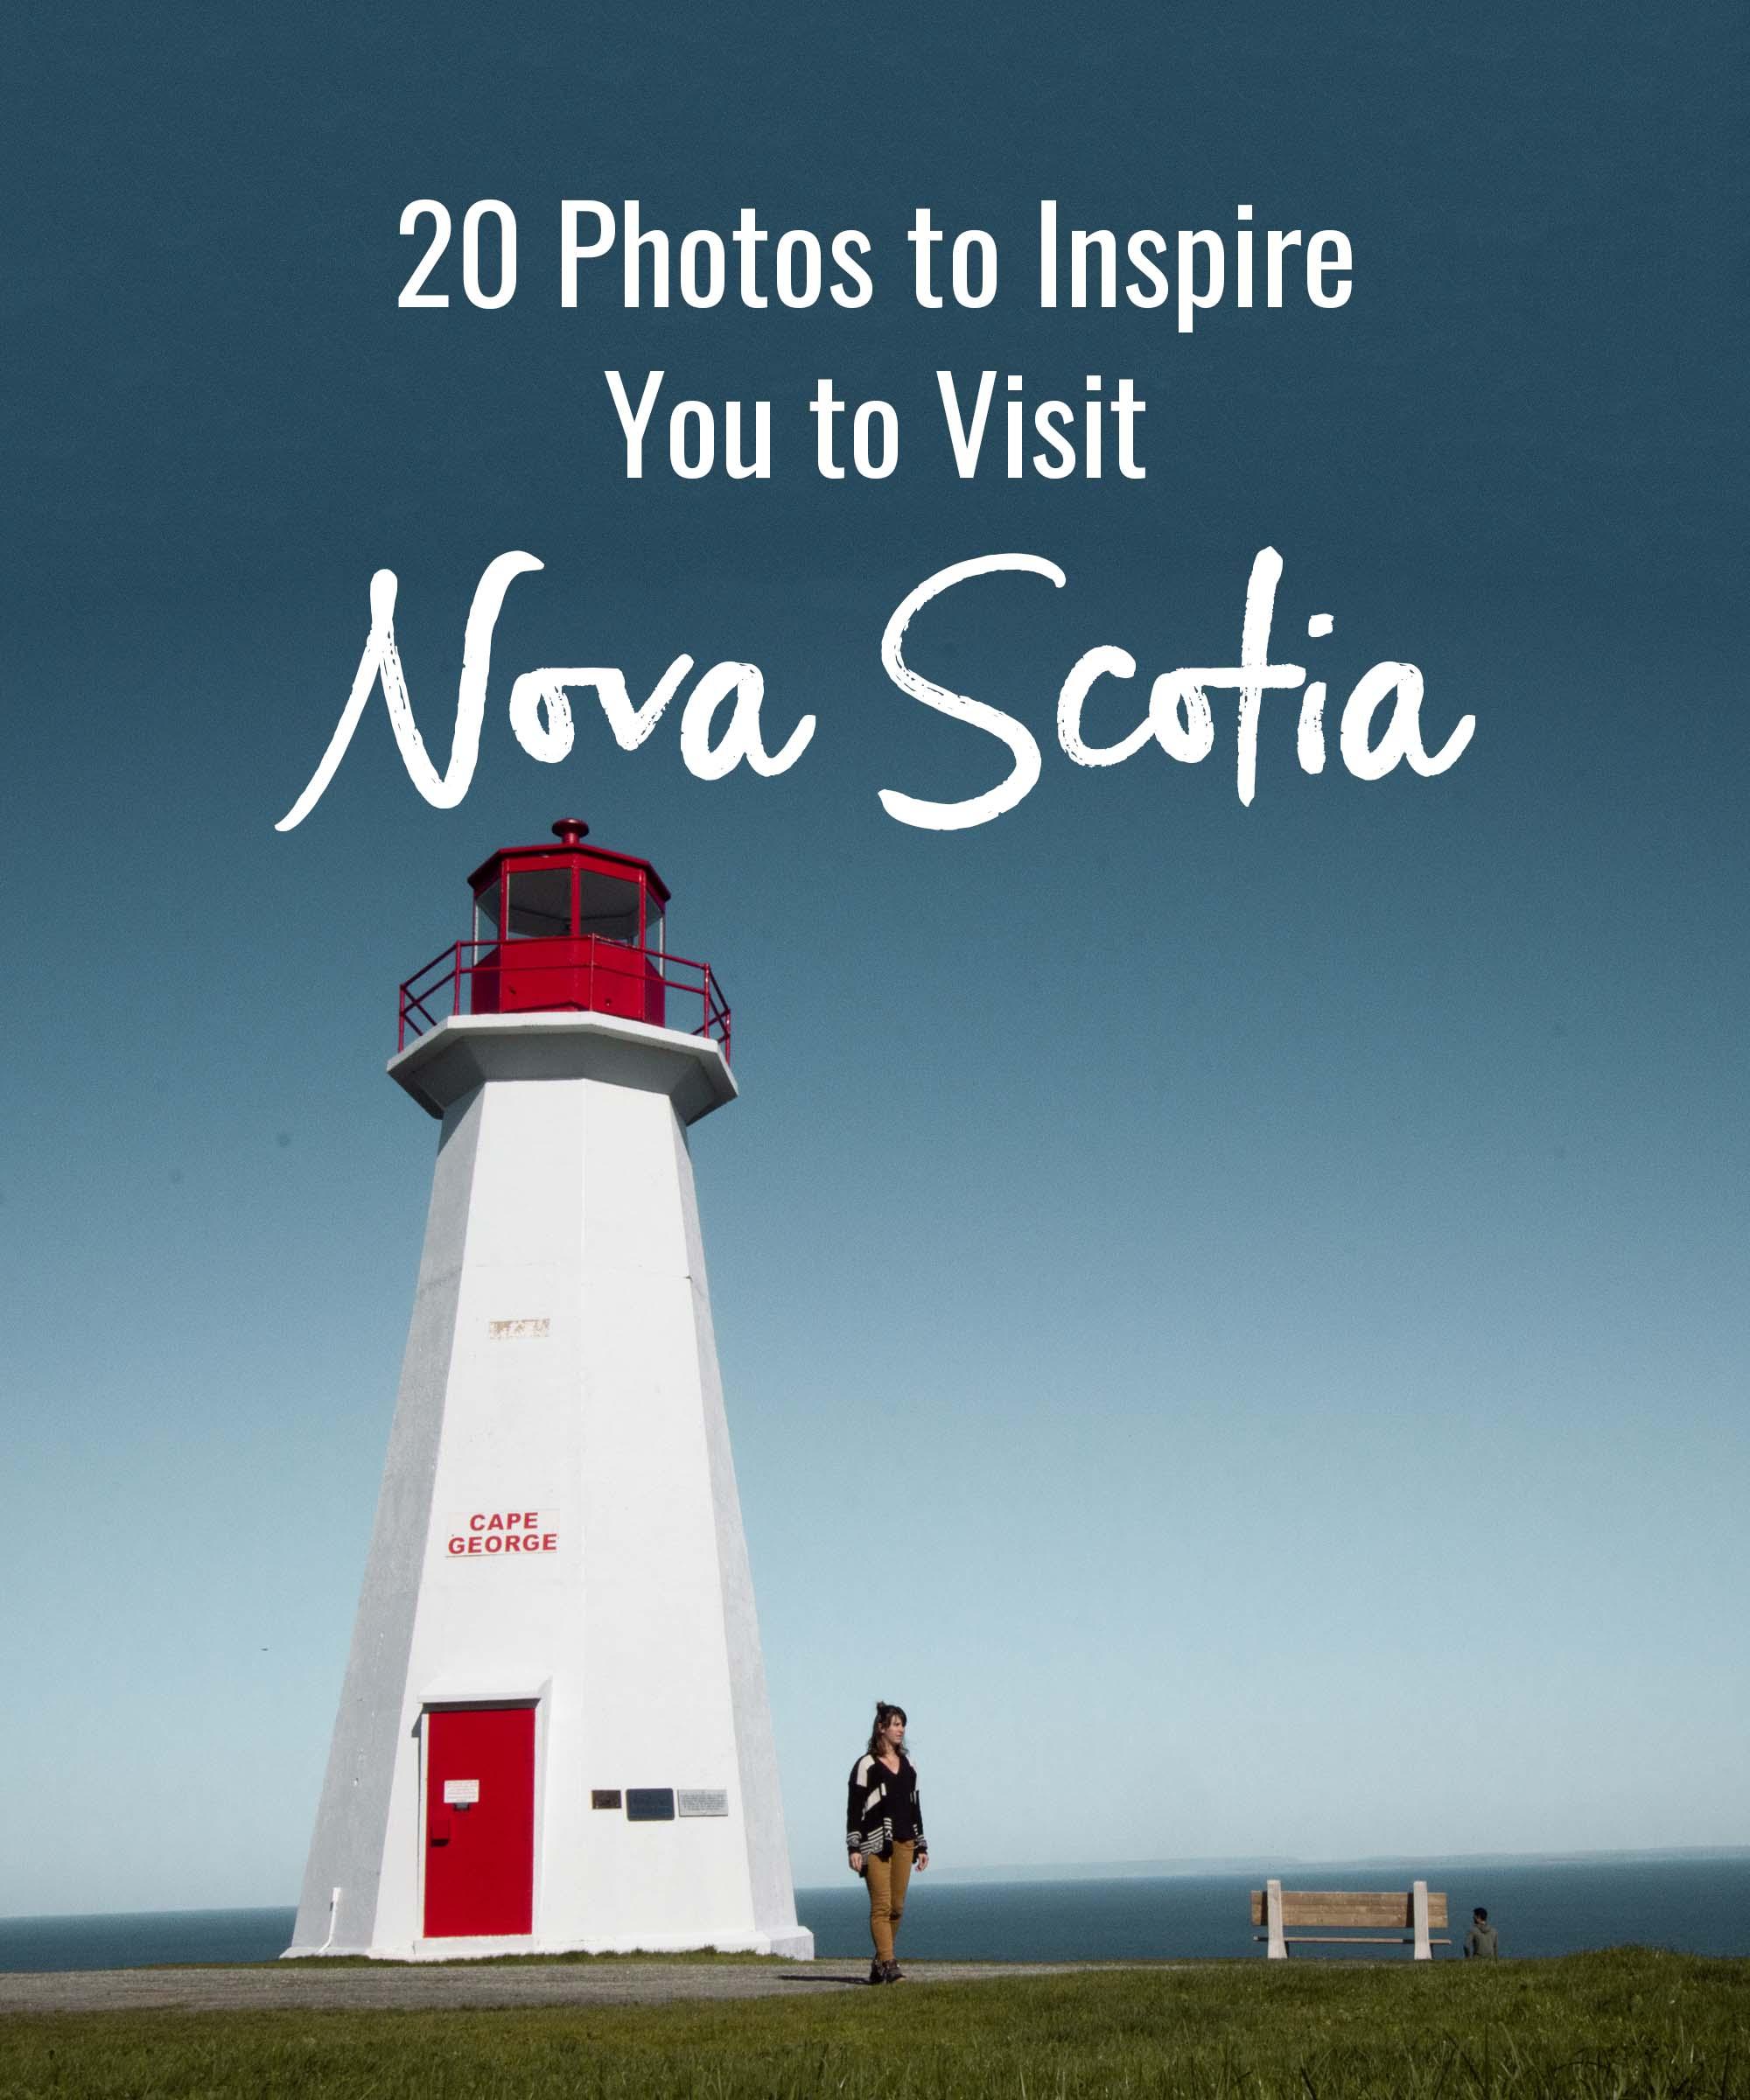 20 photos to inspire you to visit Nova Scotia